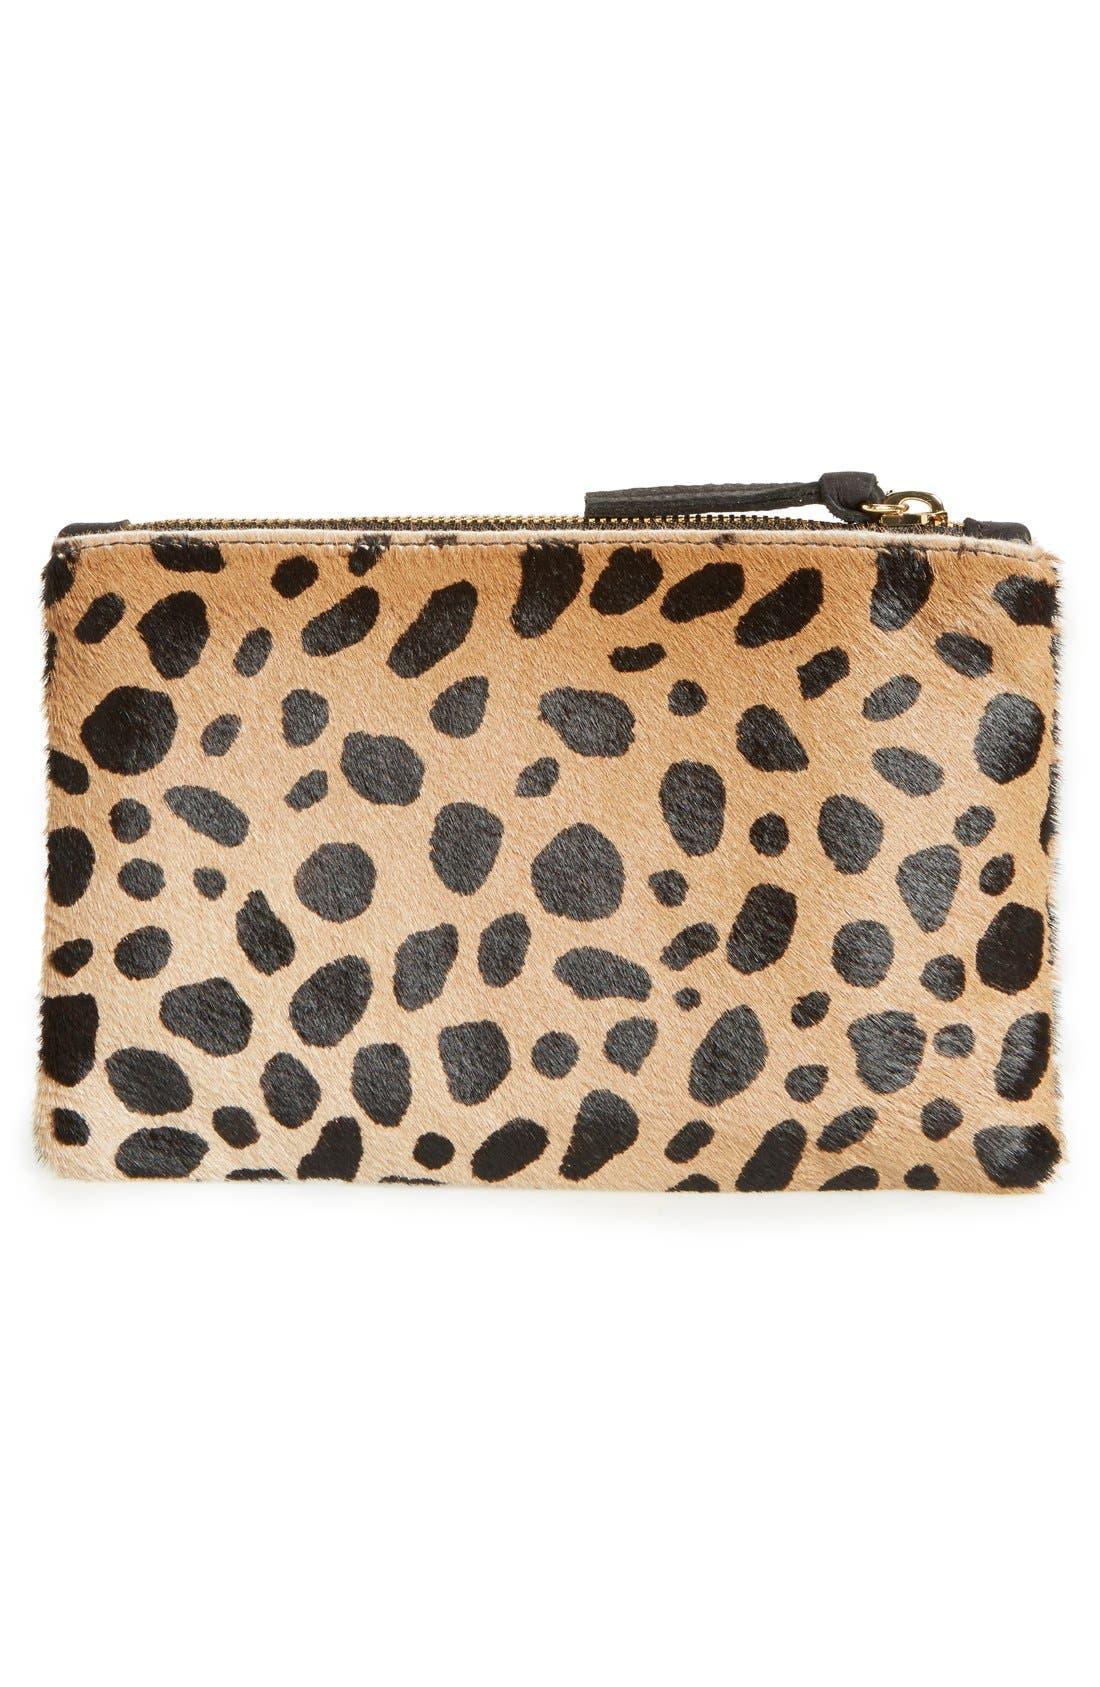 'Core' Leopard Print Genuine Calf Hair Pouch,                             Alternate thumbnail 3, color,                             Leopard